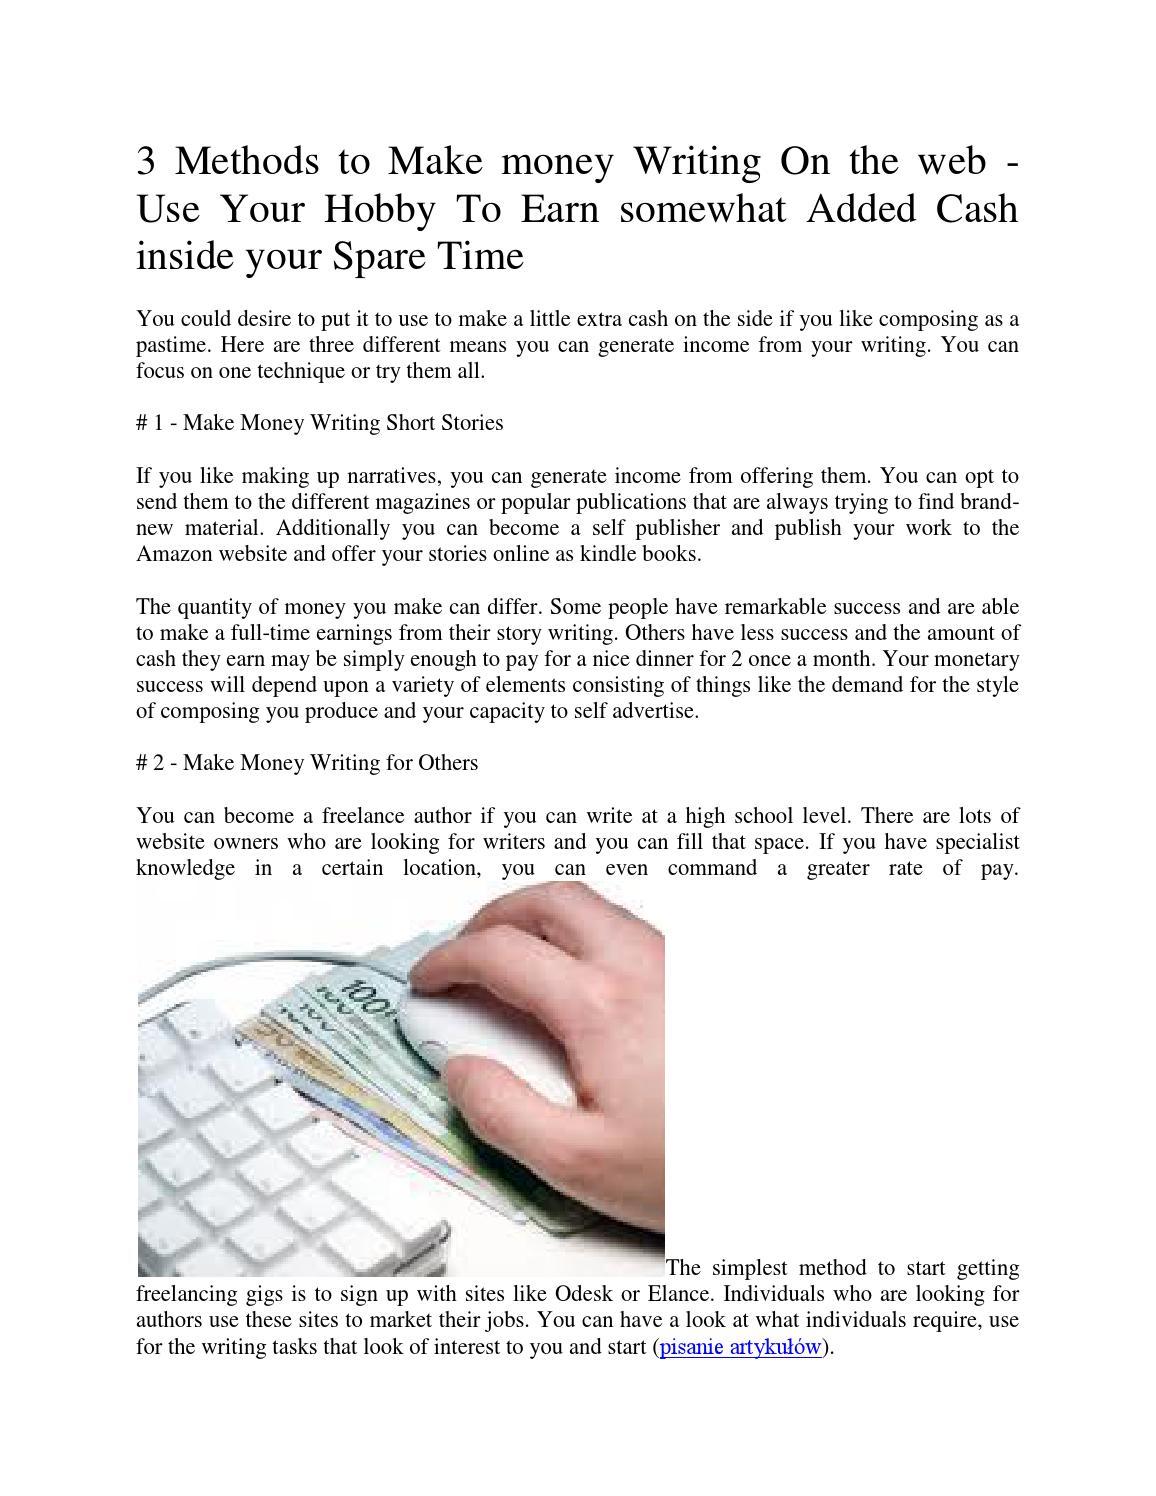 3 methods to make money writing on the web by zarabianie na